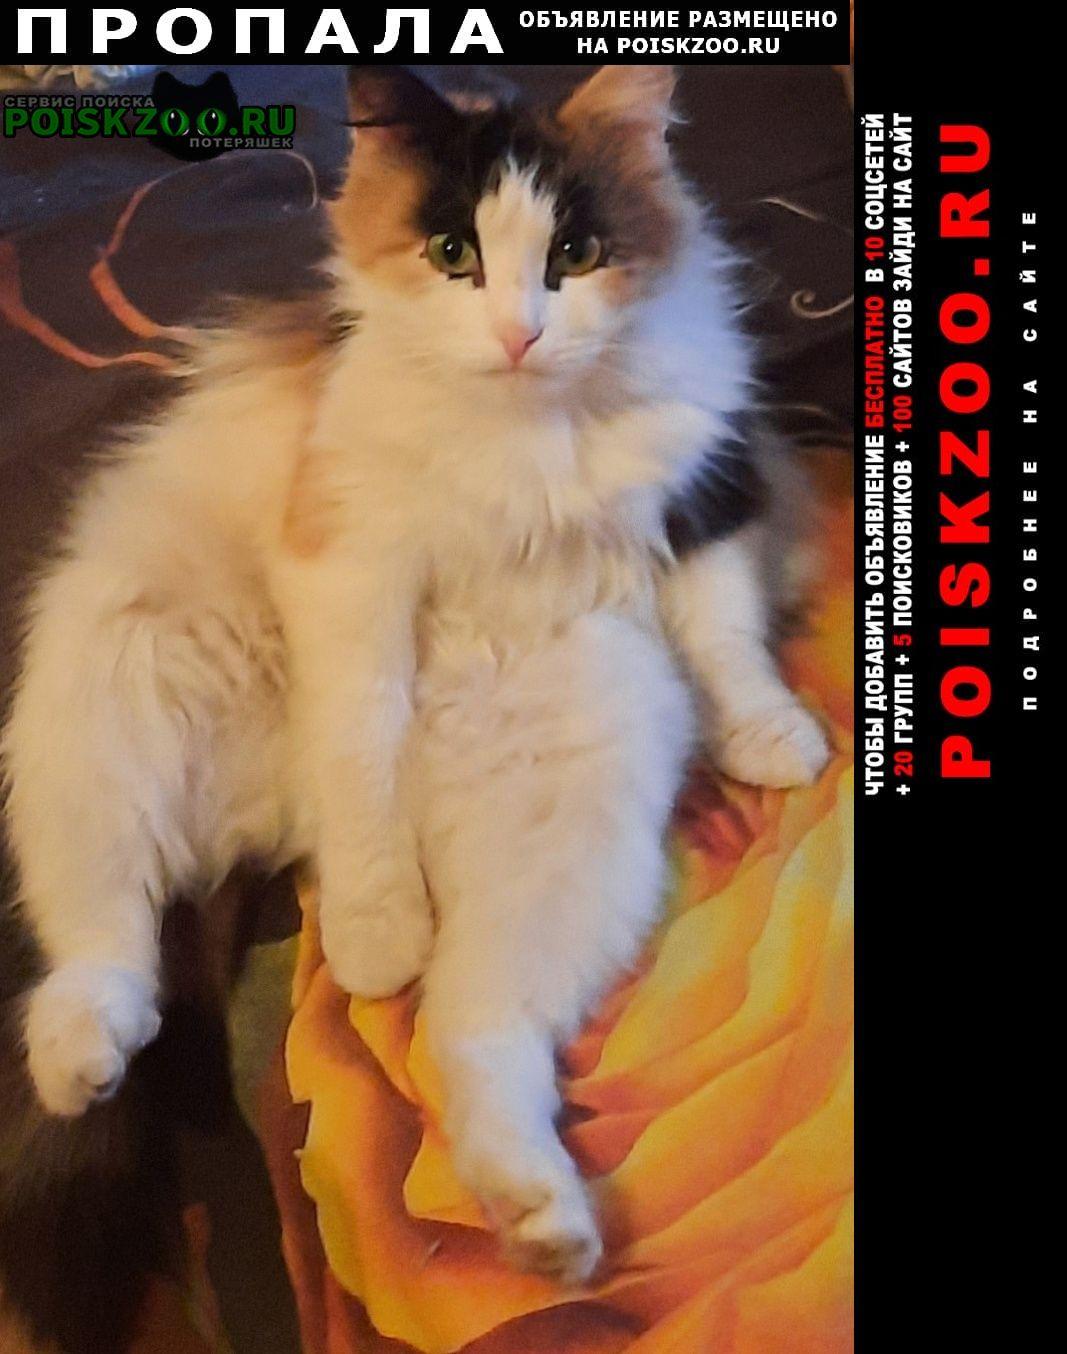 Пропала кошка зовут василиса Владимир